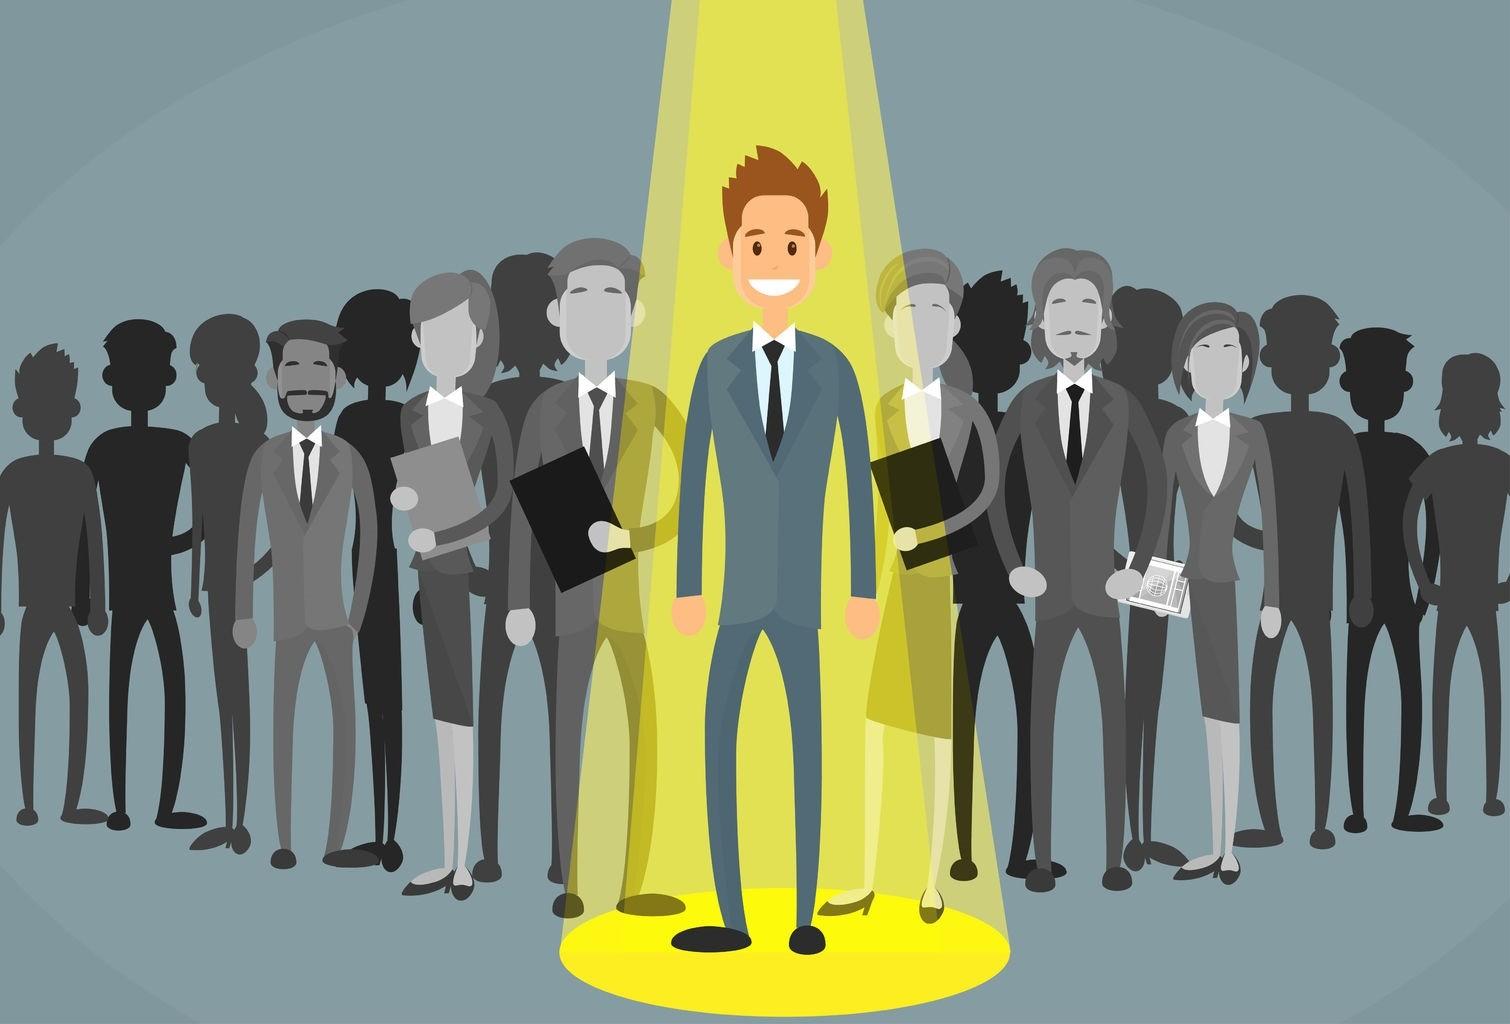 Региональный подбор персонала - картинка predprinimatel